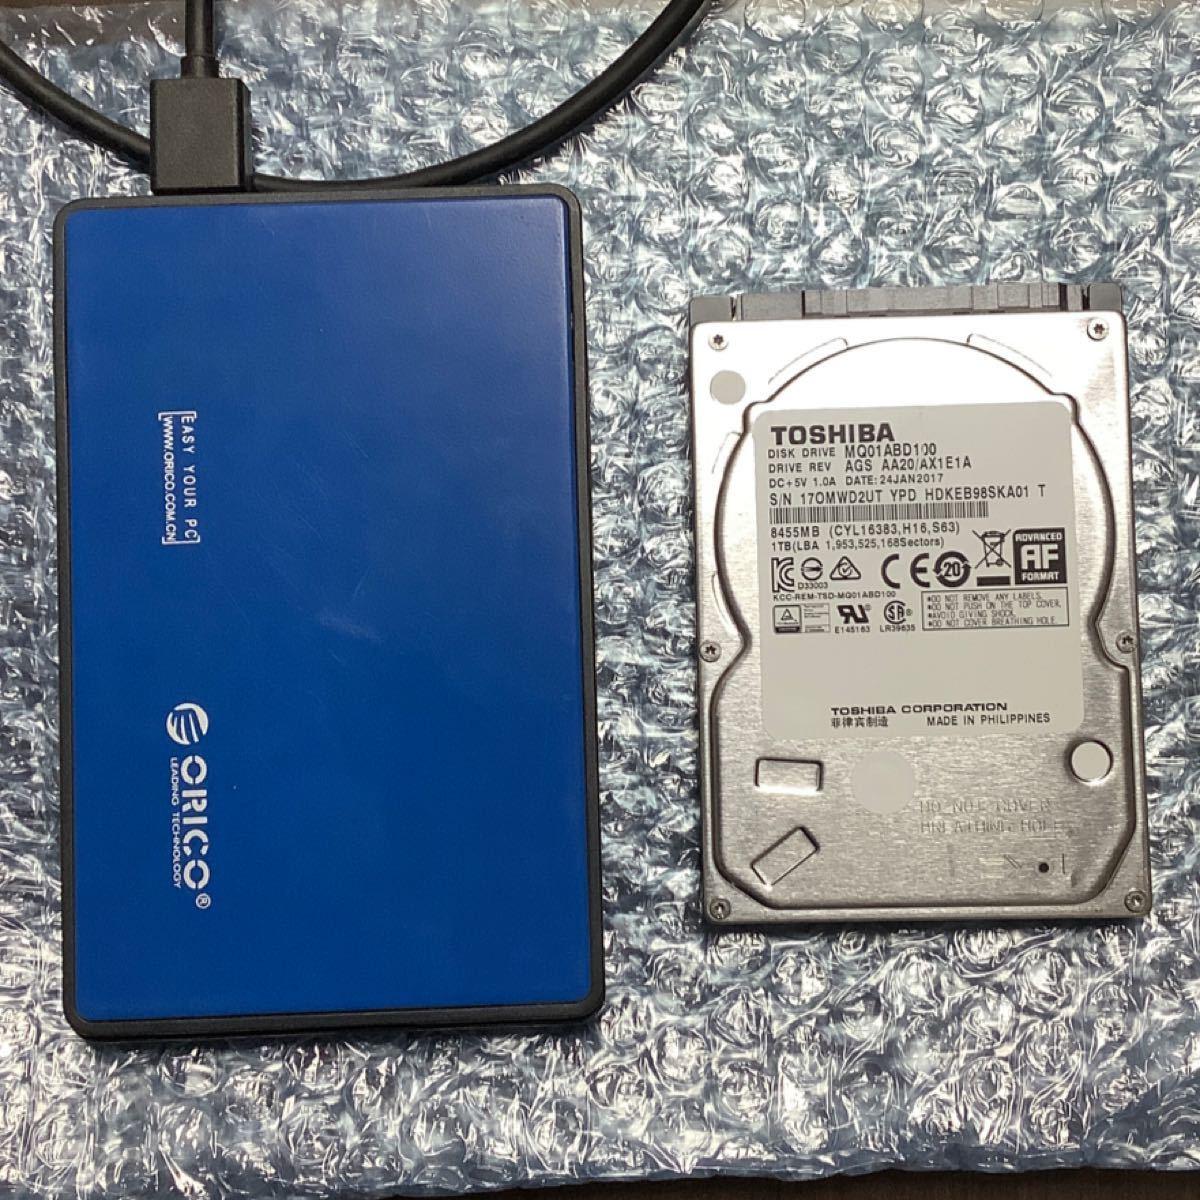 ORICO USB3.0 外付けHDD/SSD ケース + 東芝 1TB ハードディスク